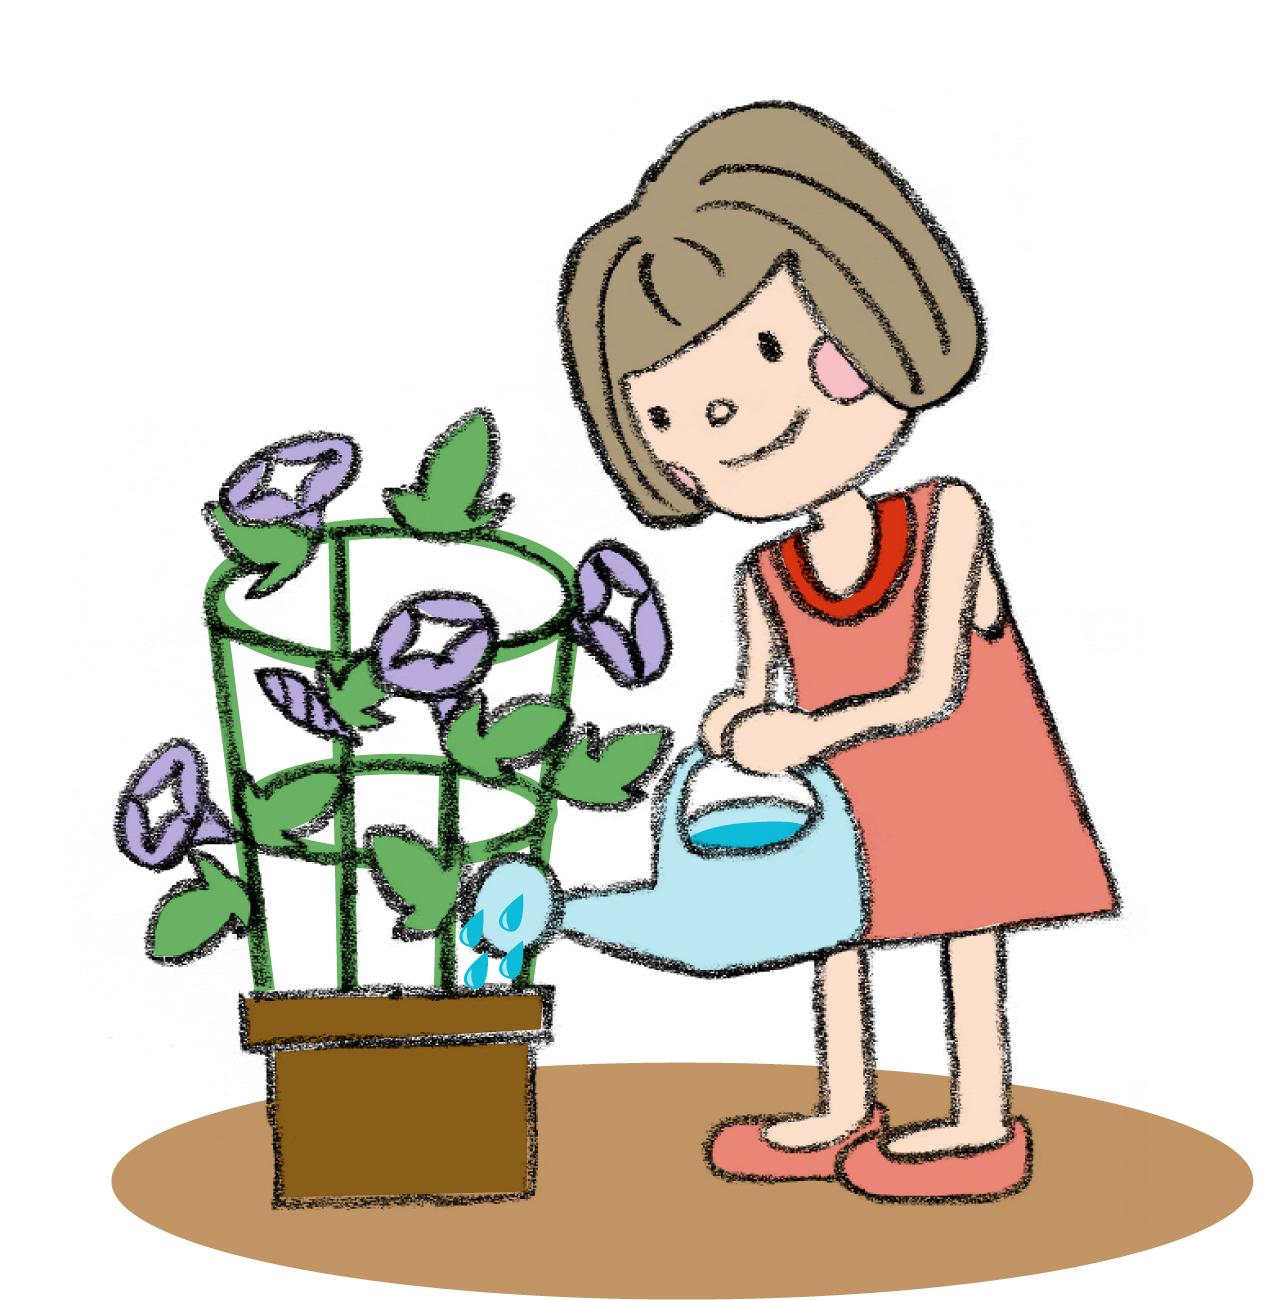 手書き風でかわいい女の子がアサガオの水やりをしているイラスト